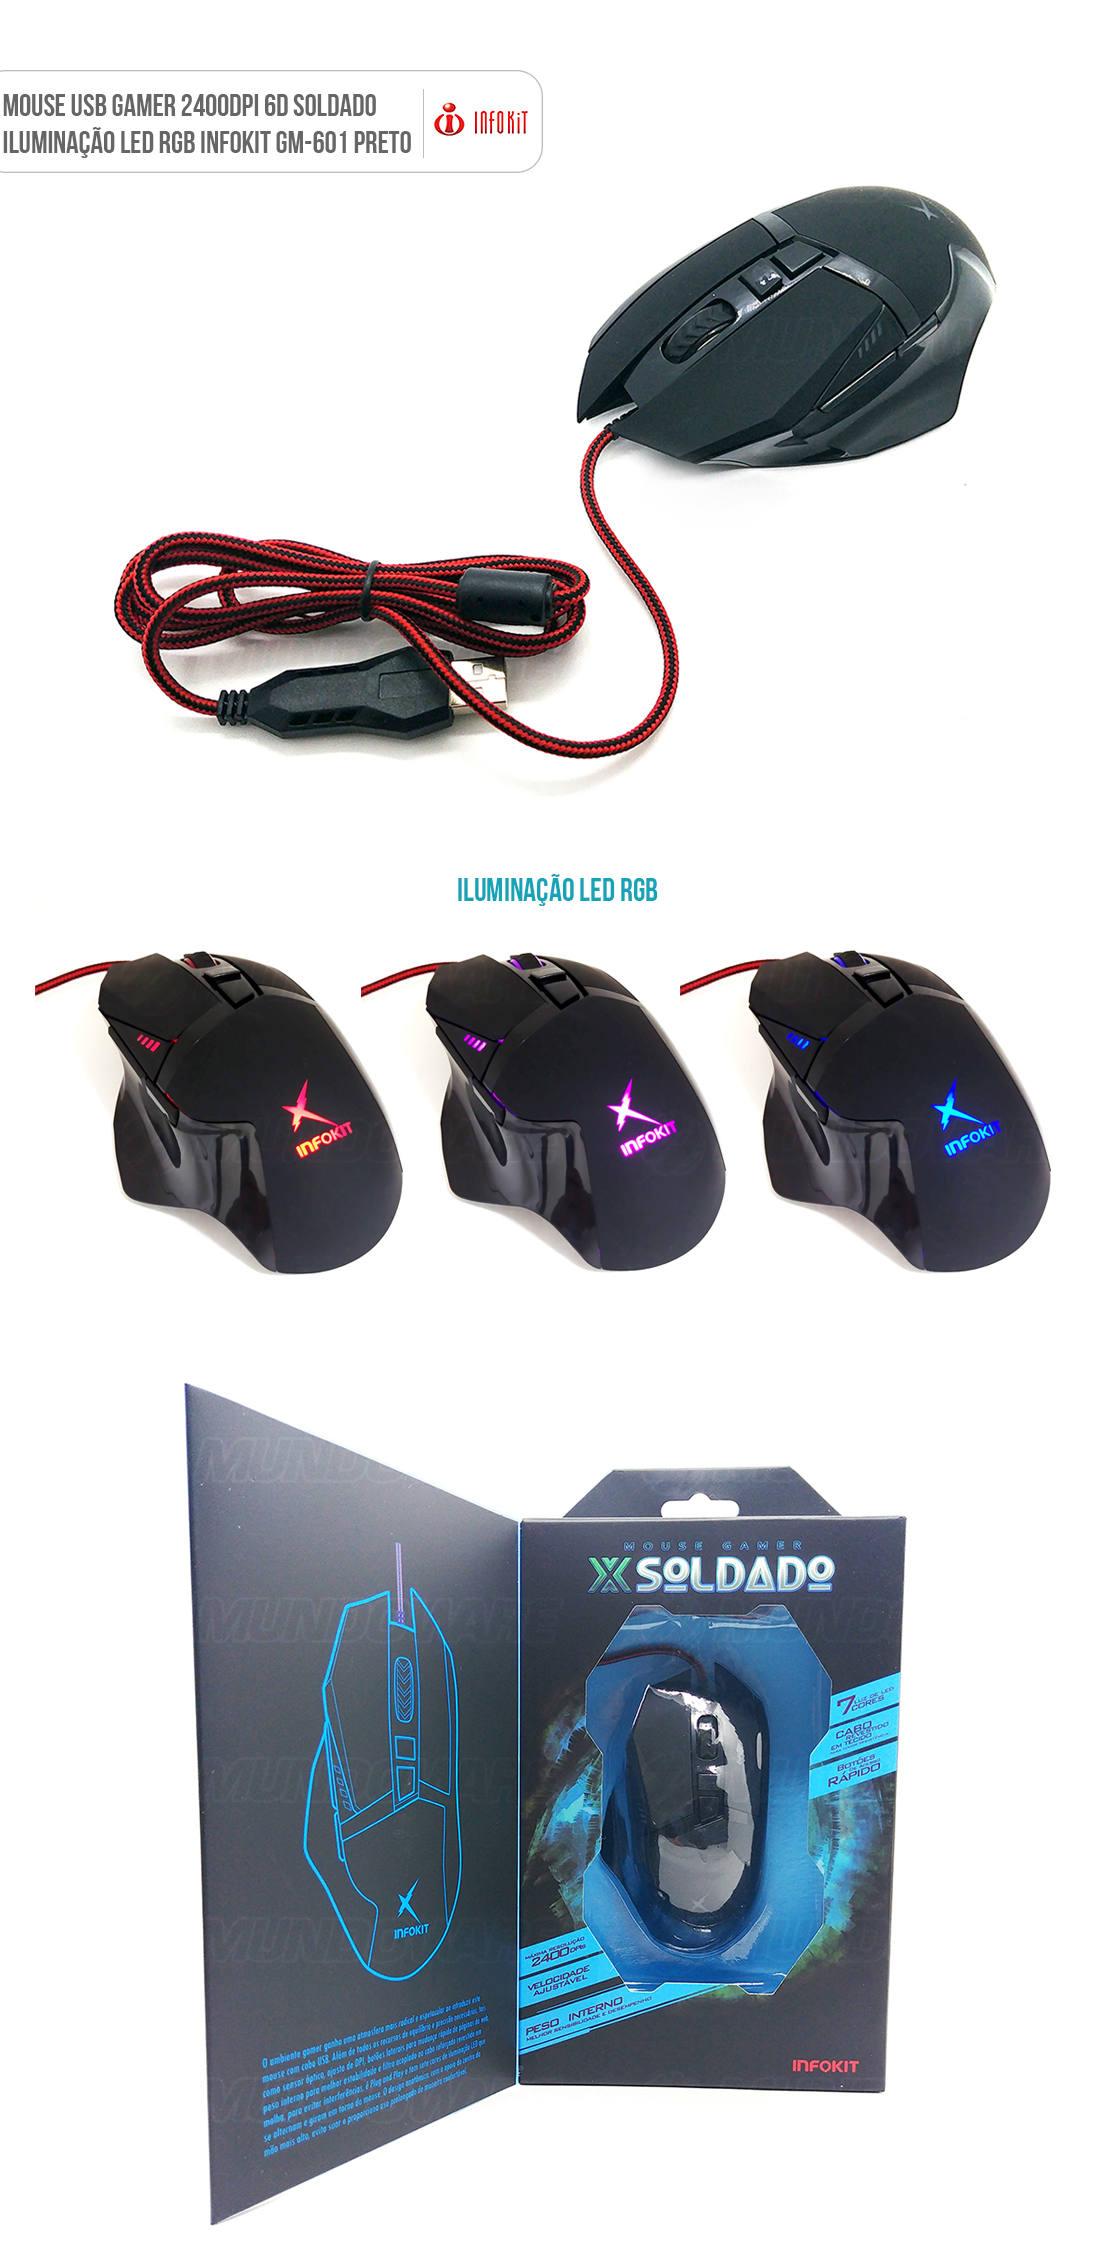 Mouse gamer usb com iluminação led 3200dpi preto GM601